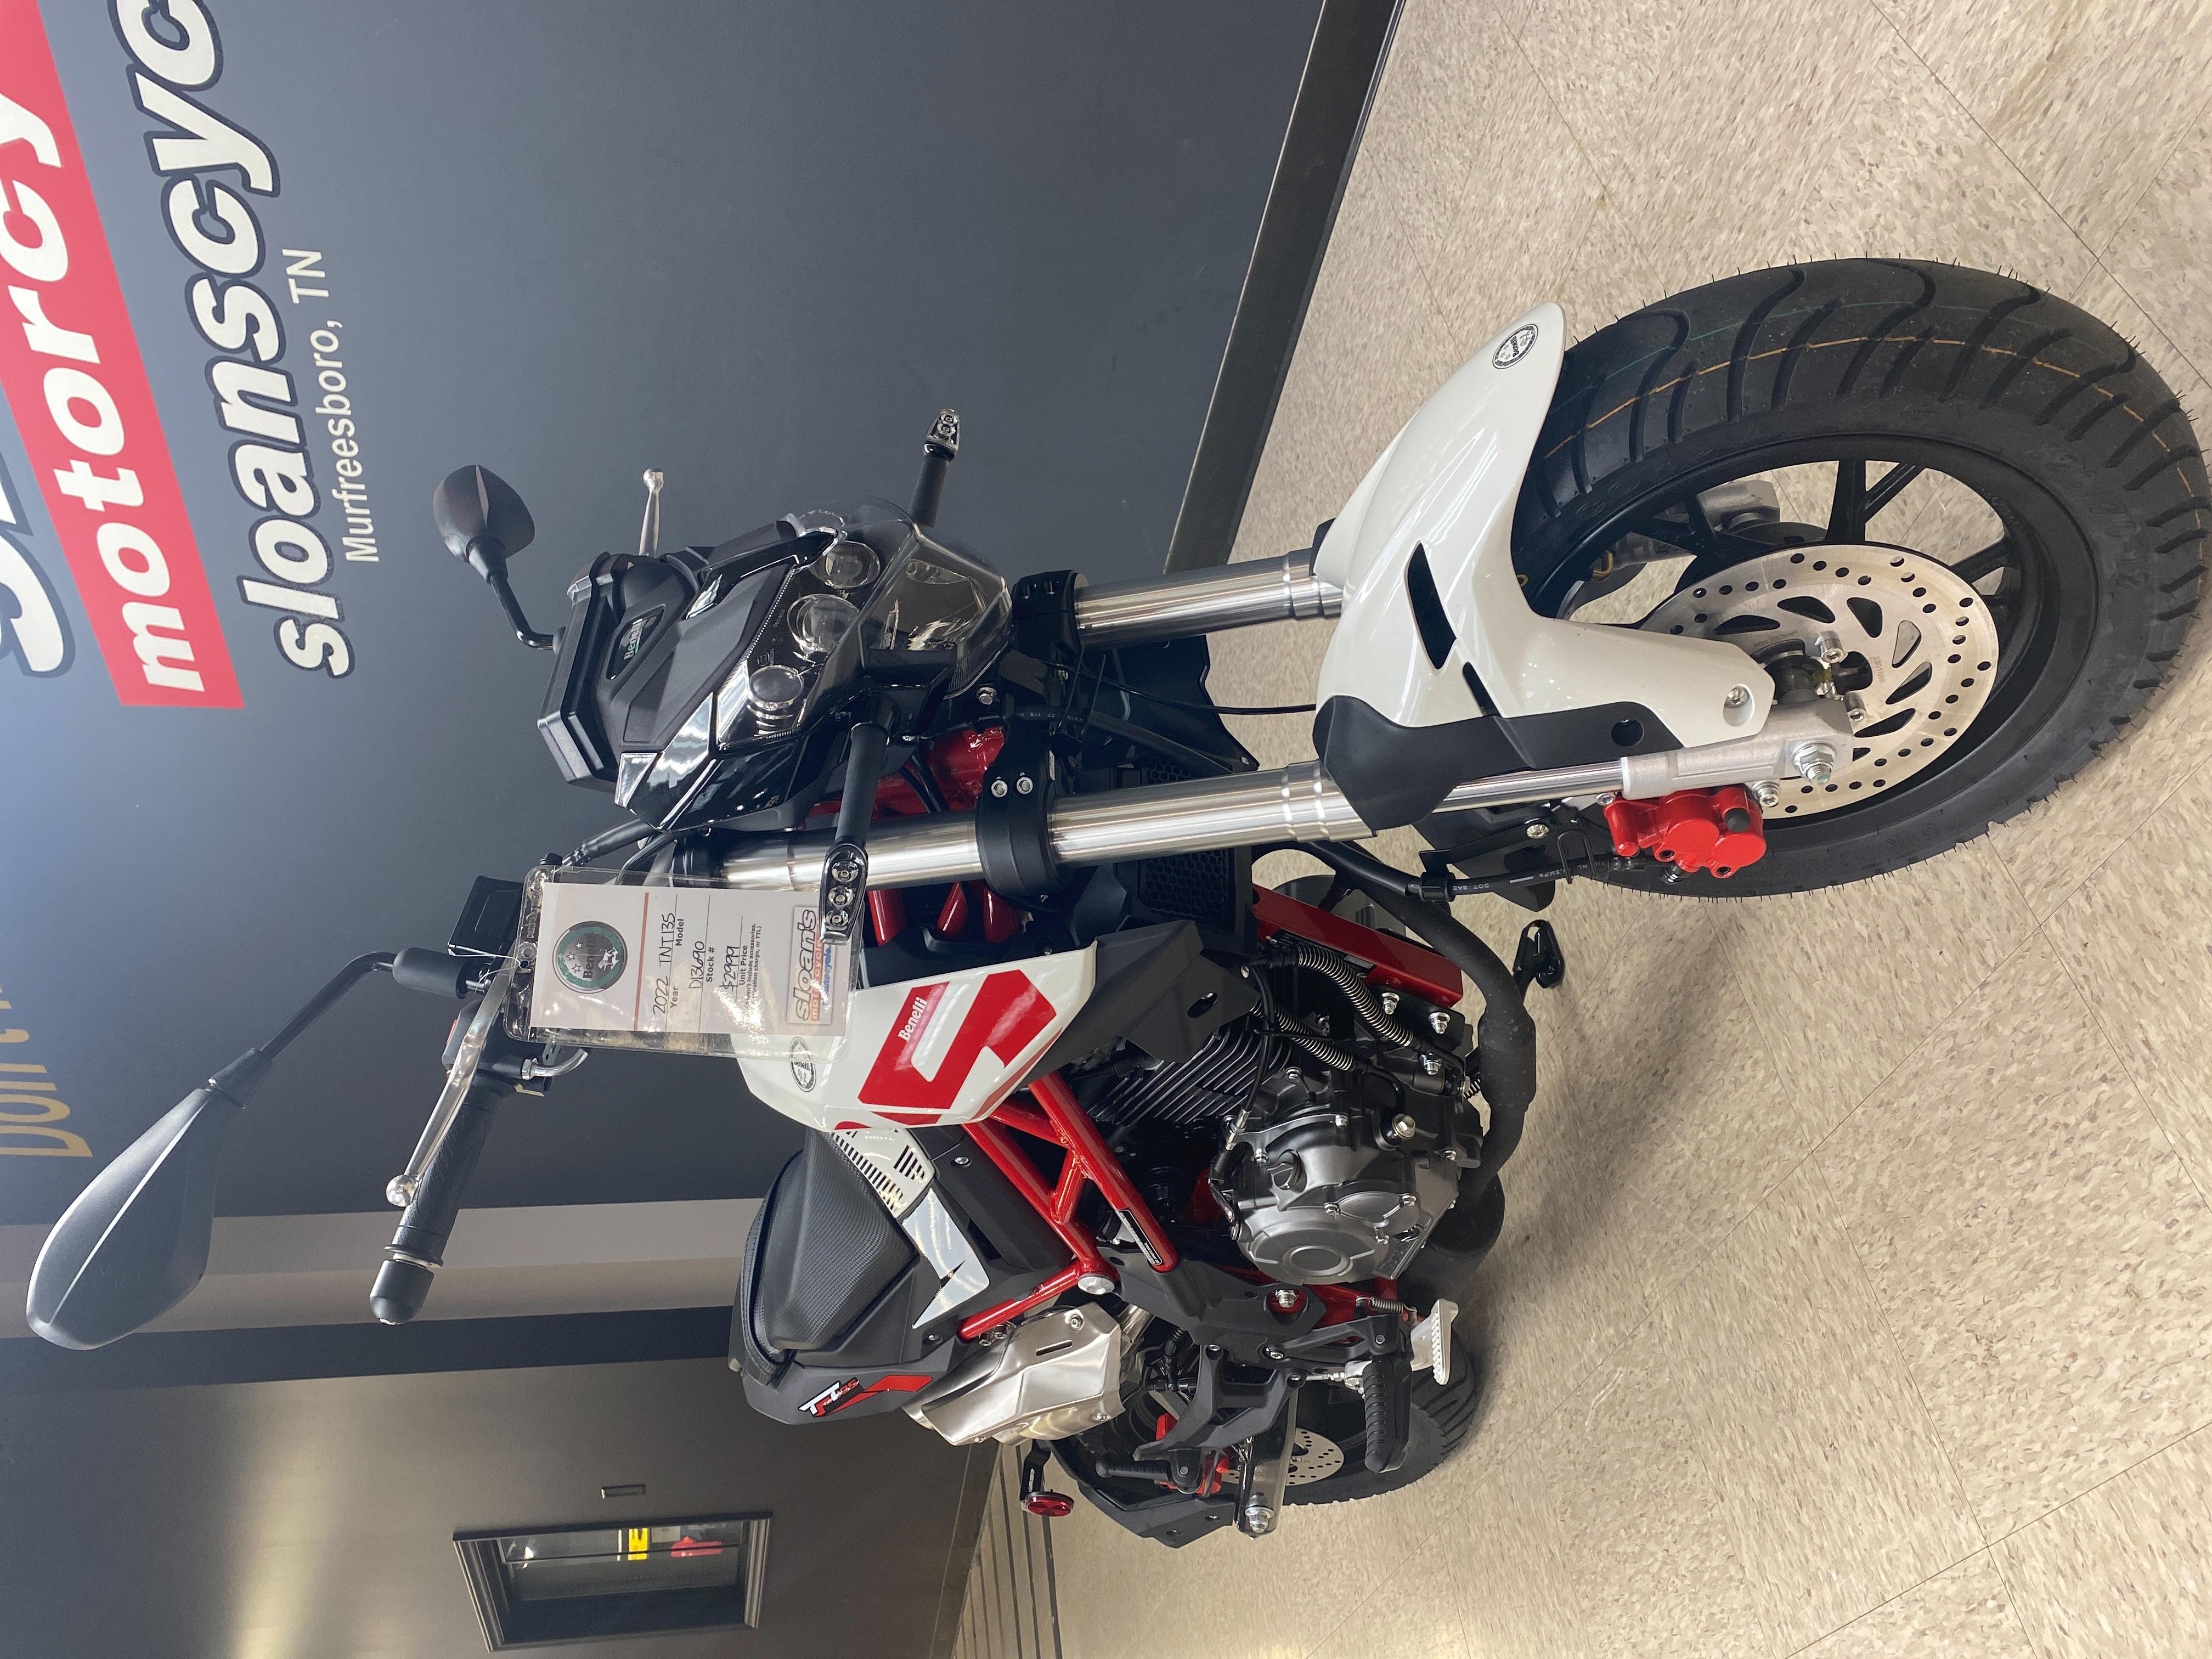 2022 Benelli TNT 135 at Sloans Motorcycle ATV, Murfreesboro, TN, 37129